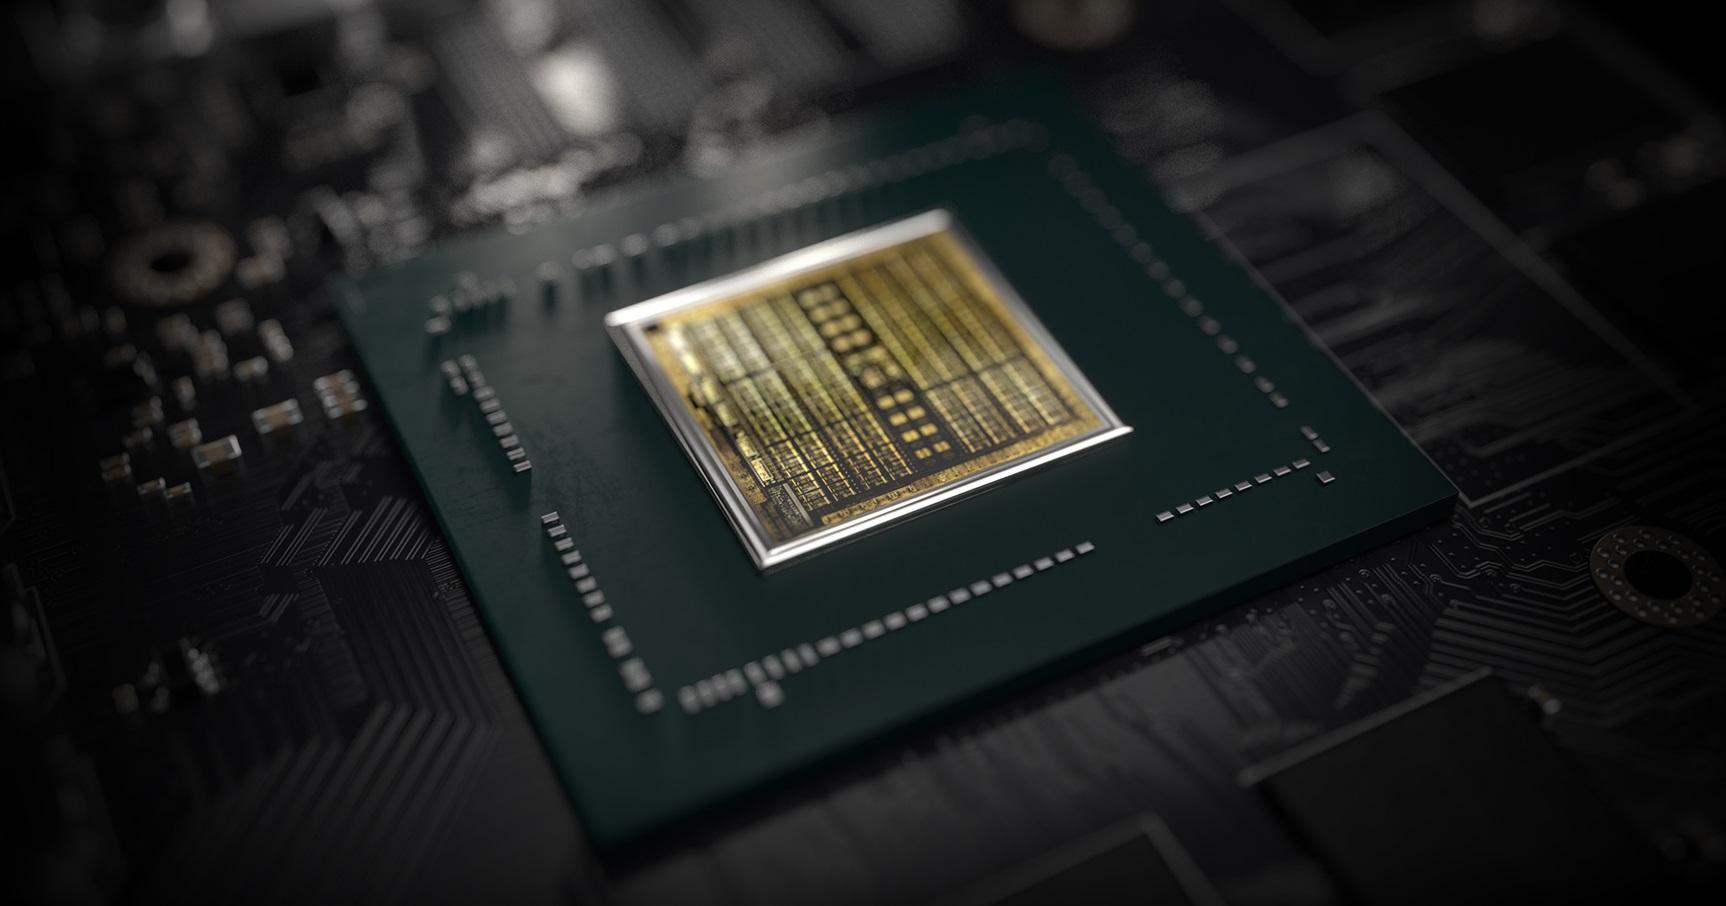 NVIDIA préparerait une GTX 1660 SUPER pour renforcer (et saturer ?) son entrée de gamme